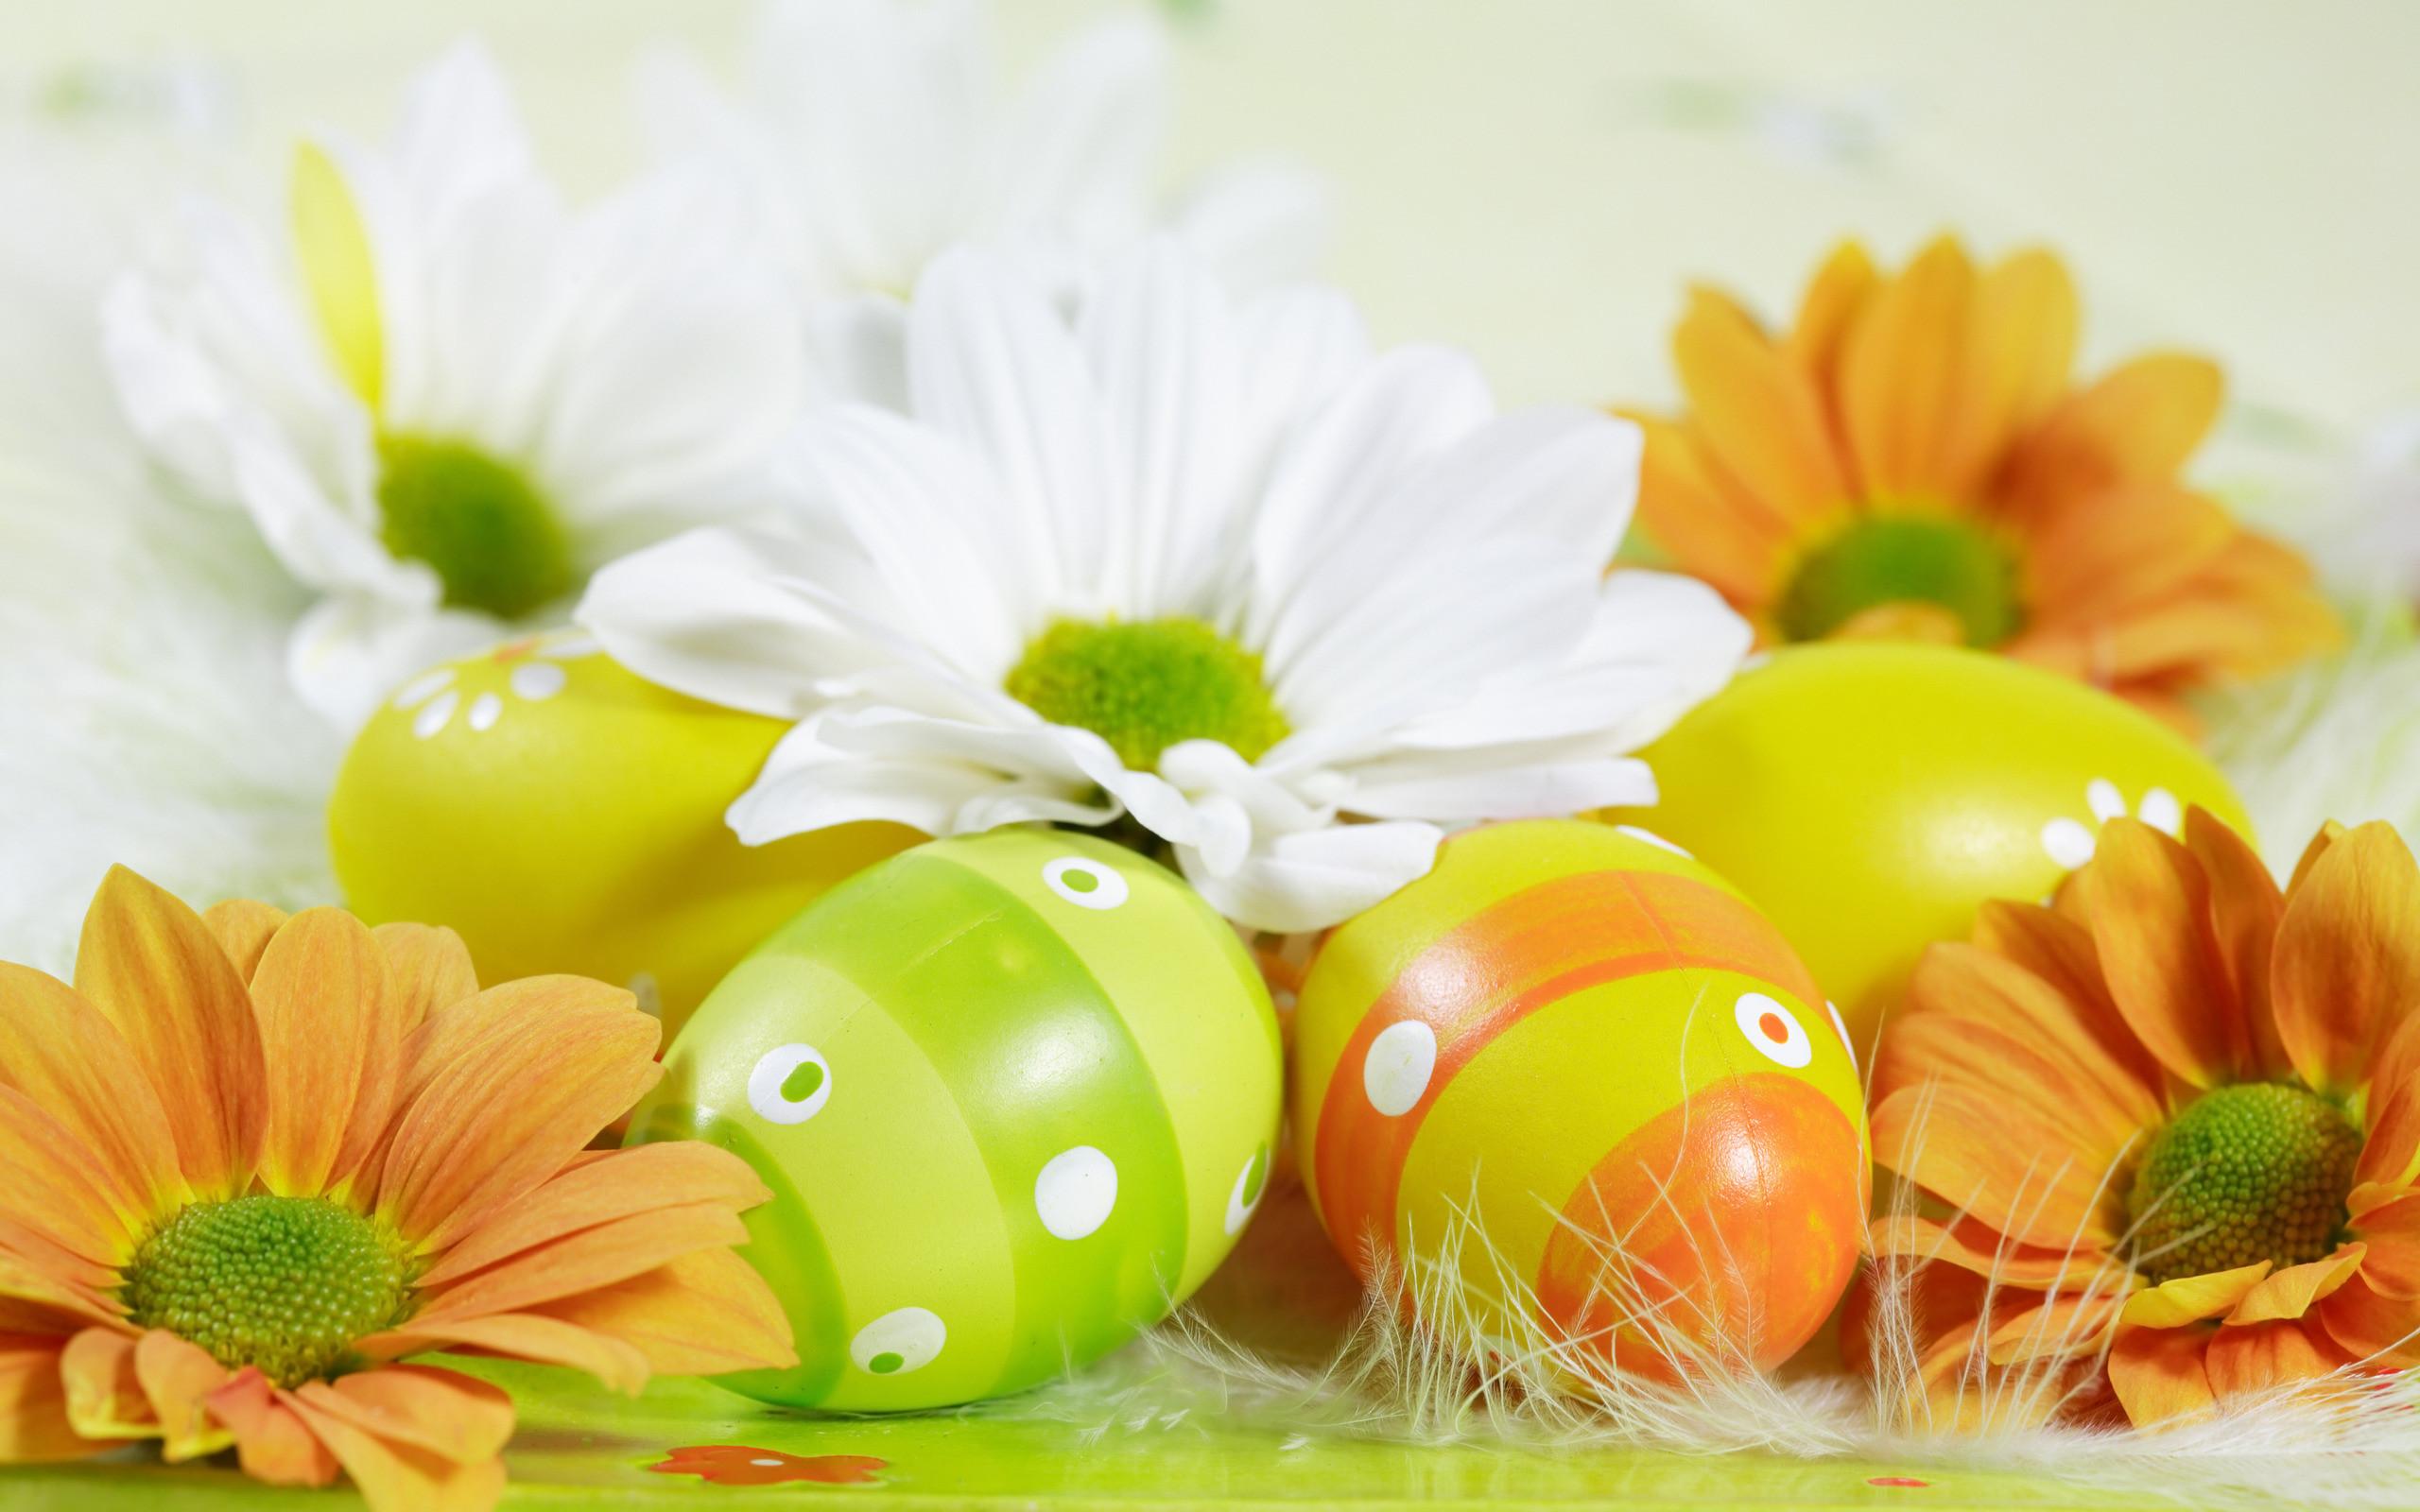 Easter · Easter Wallpaper Free